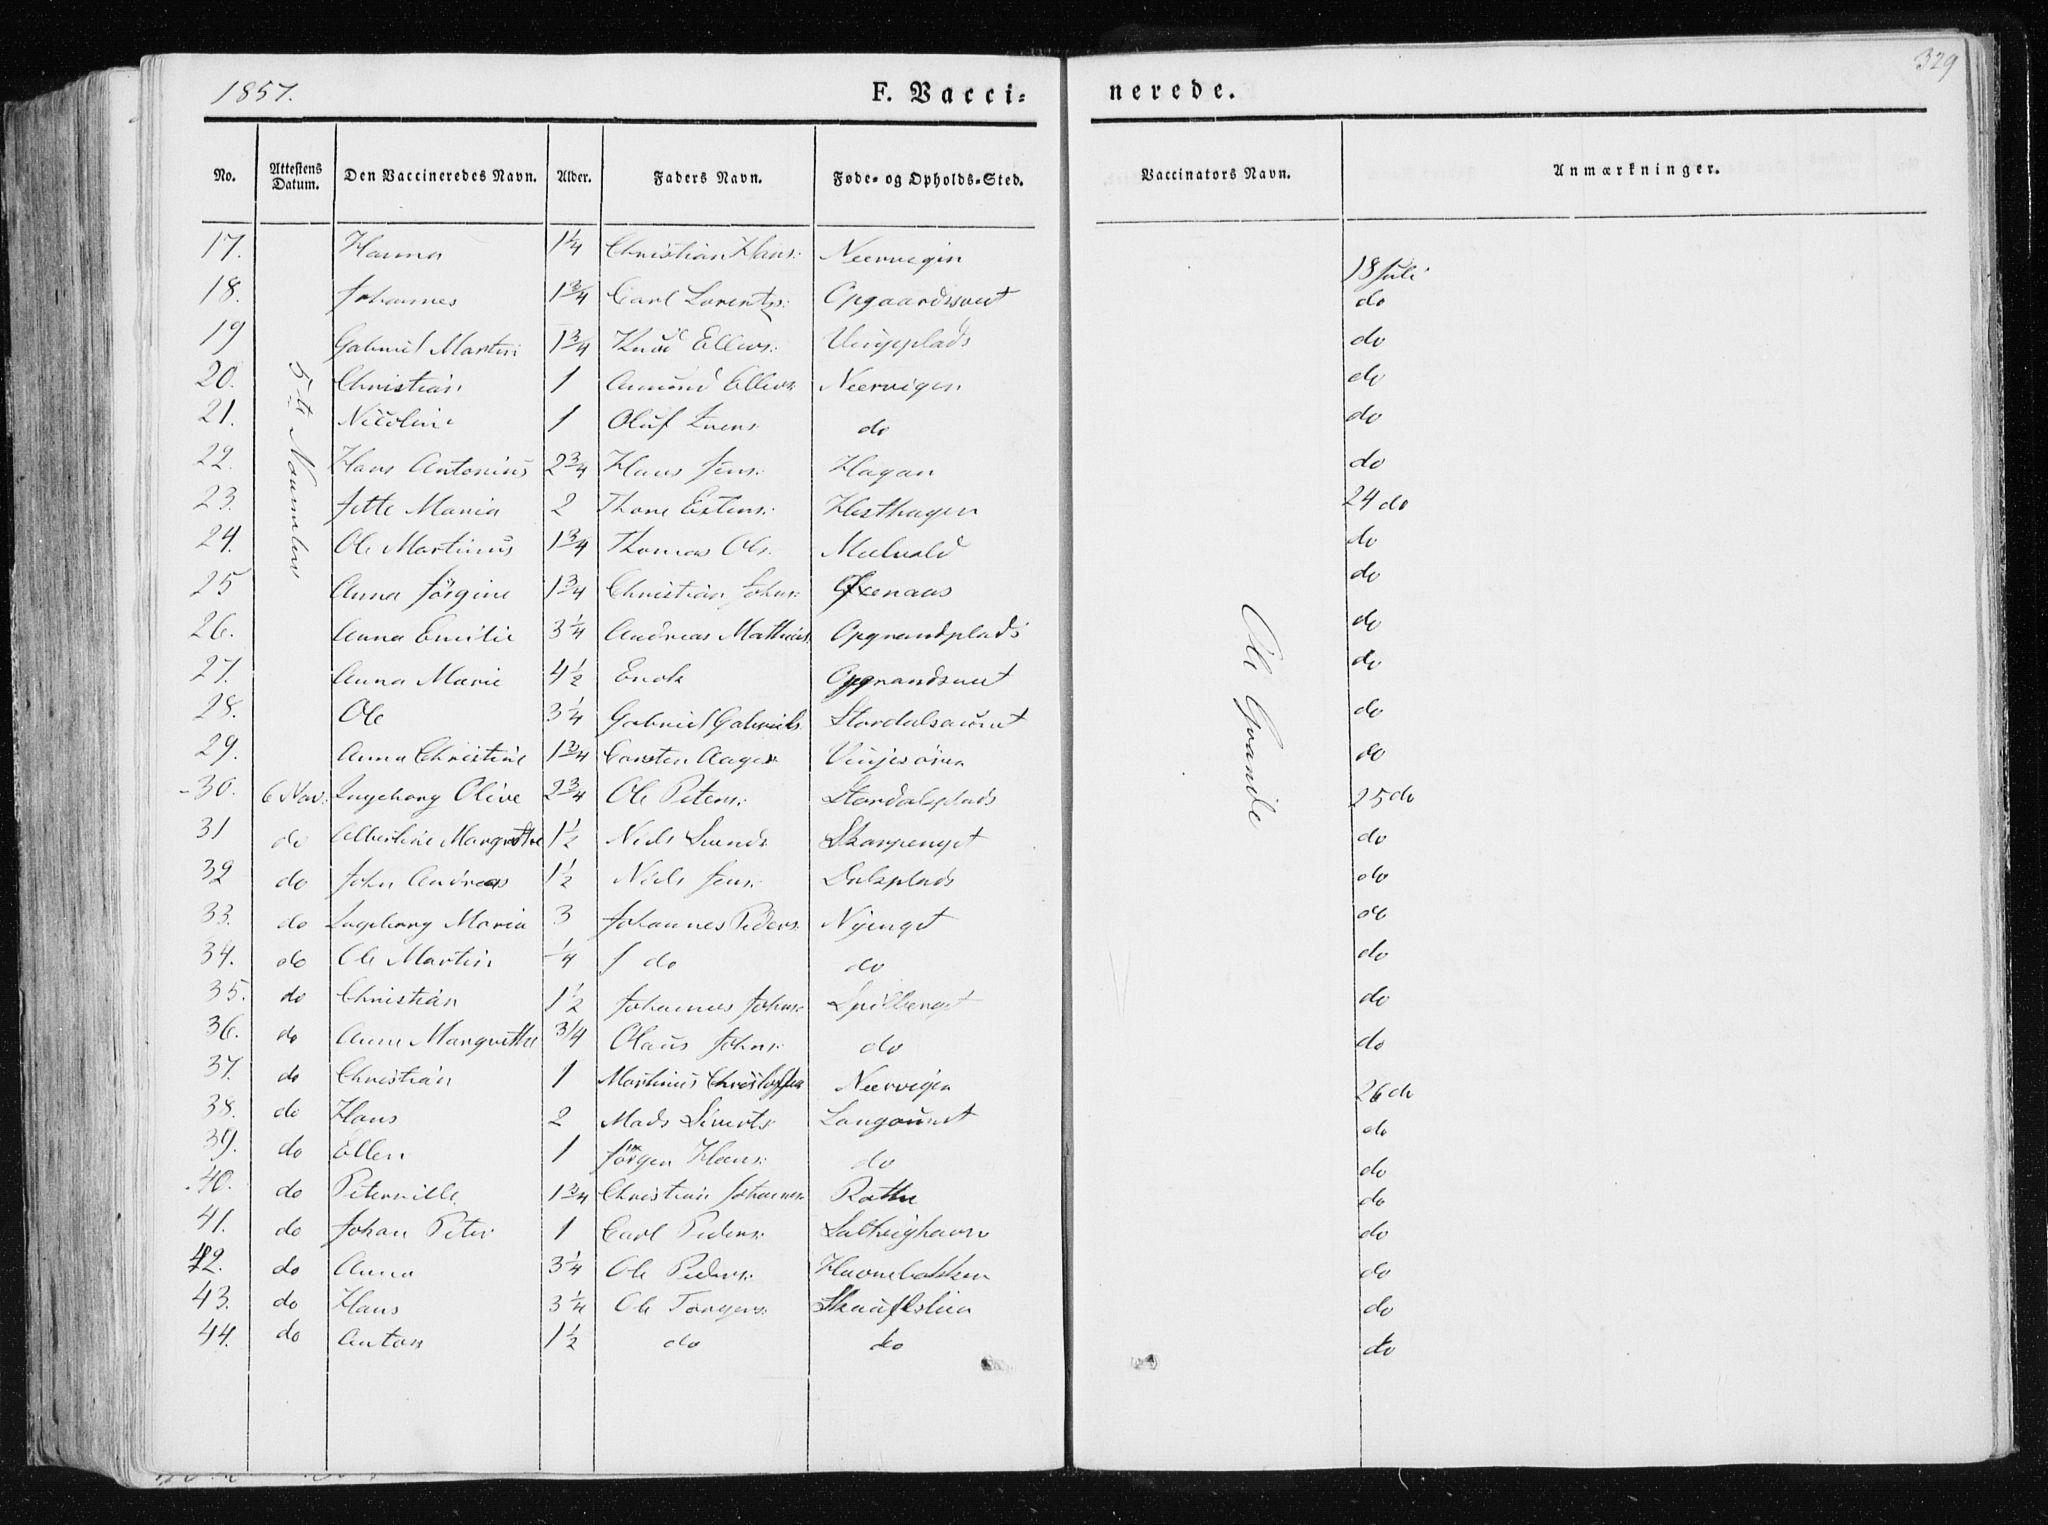 SAT, Ministerialprotokoller, klokkerbøker og fødselsregistre - Nord-Trøndelag, 733/L0323: Ministerialbok nr. 733A02, 1843-1870, s. 329